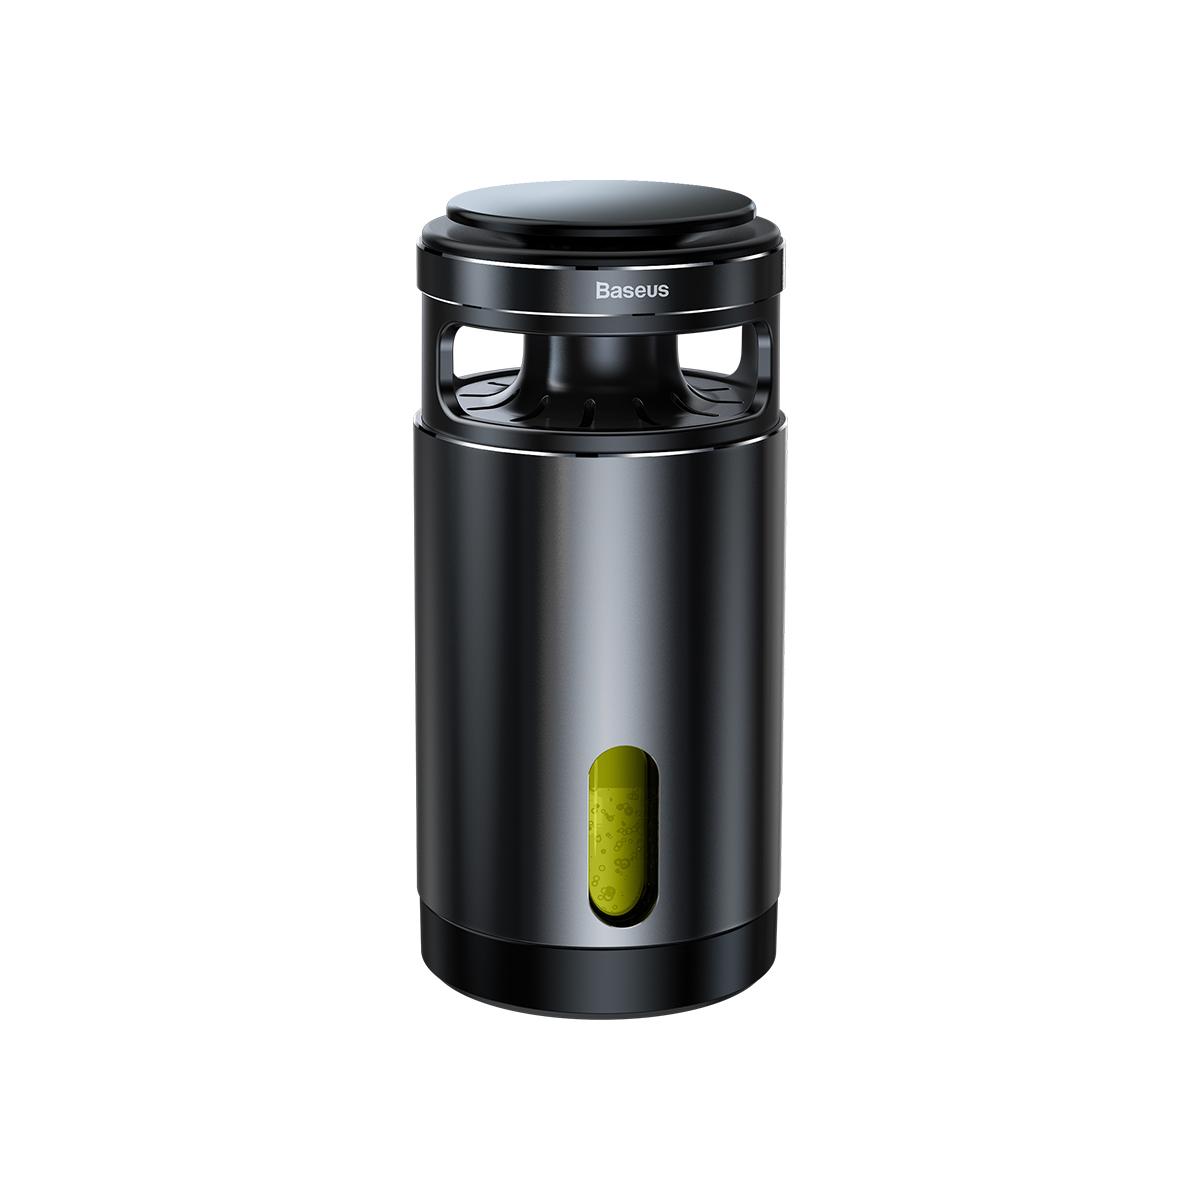 Очиститель воздуха Baseus Micromolecule formaldehyde purifier Deep space Black для автомобиля в салоне